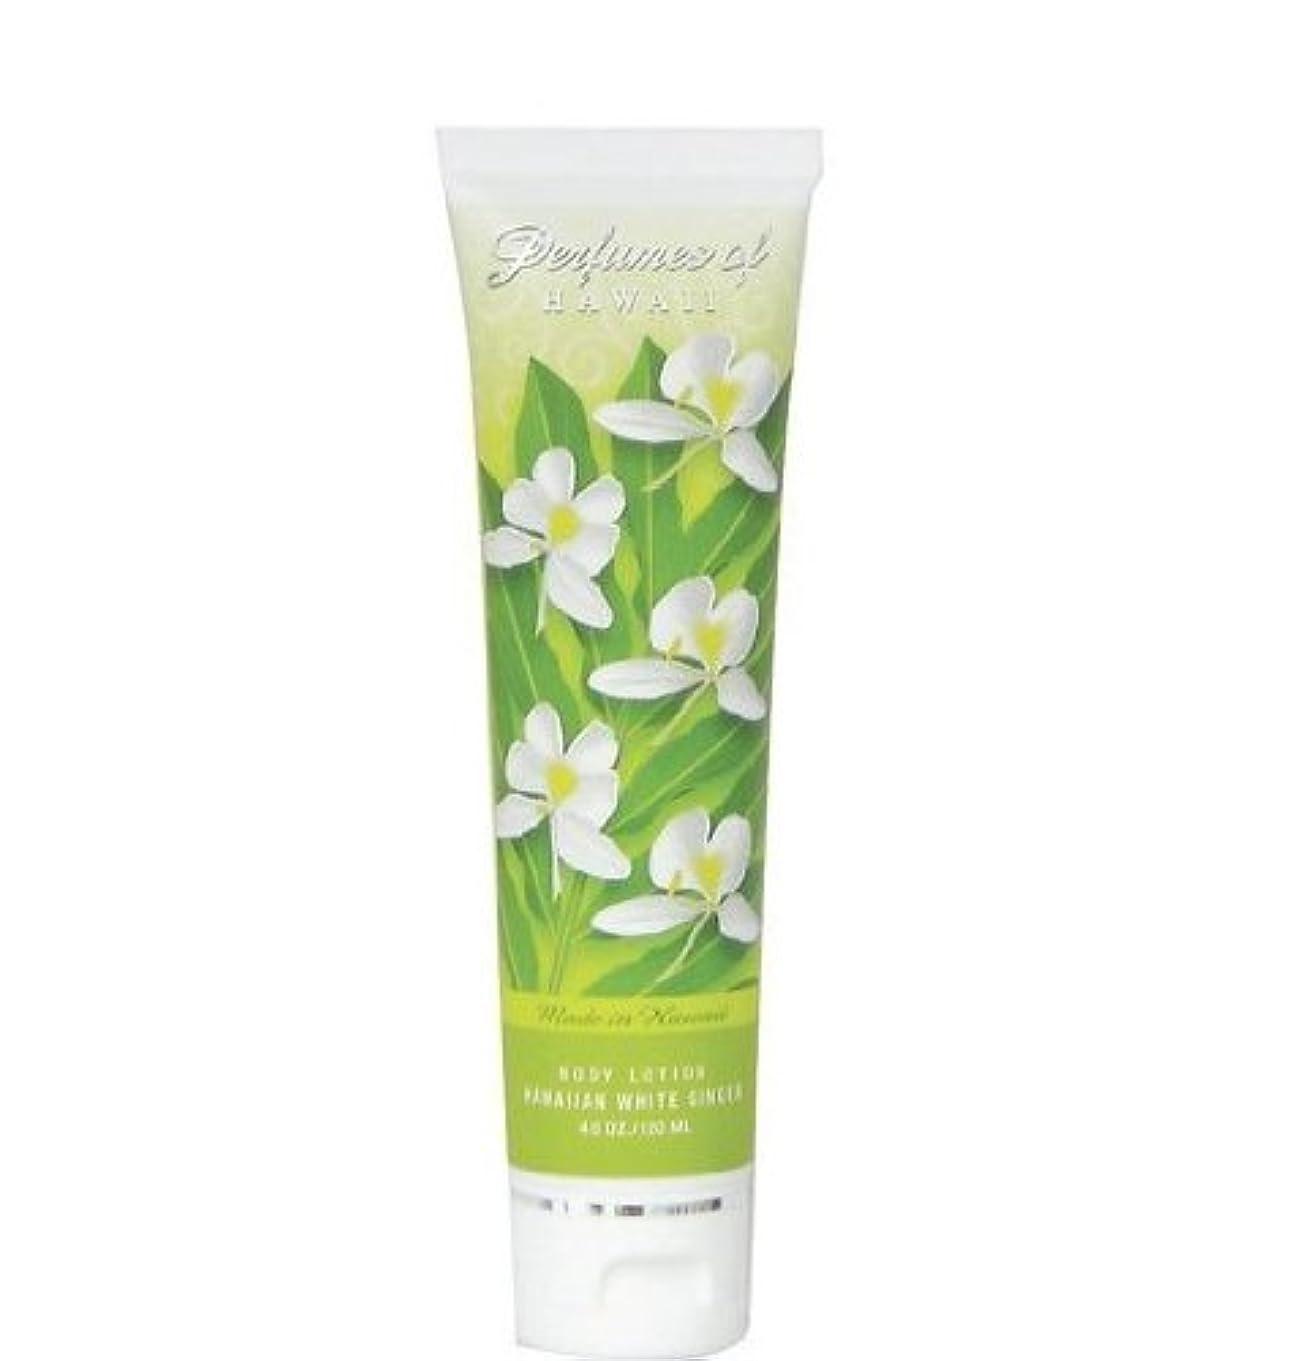 鏡発明する健全【2本セット】ハワイ】ホワイトジンジャーボディーローション Hawaiian White Ginger Body Lotion - 4.0 Oz - Perfumes of Hawaii 海外直送品